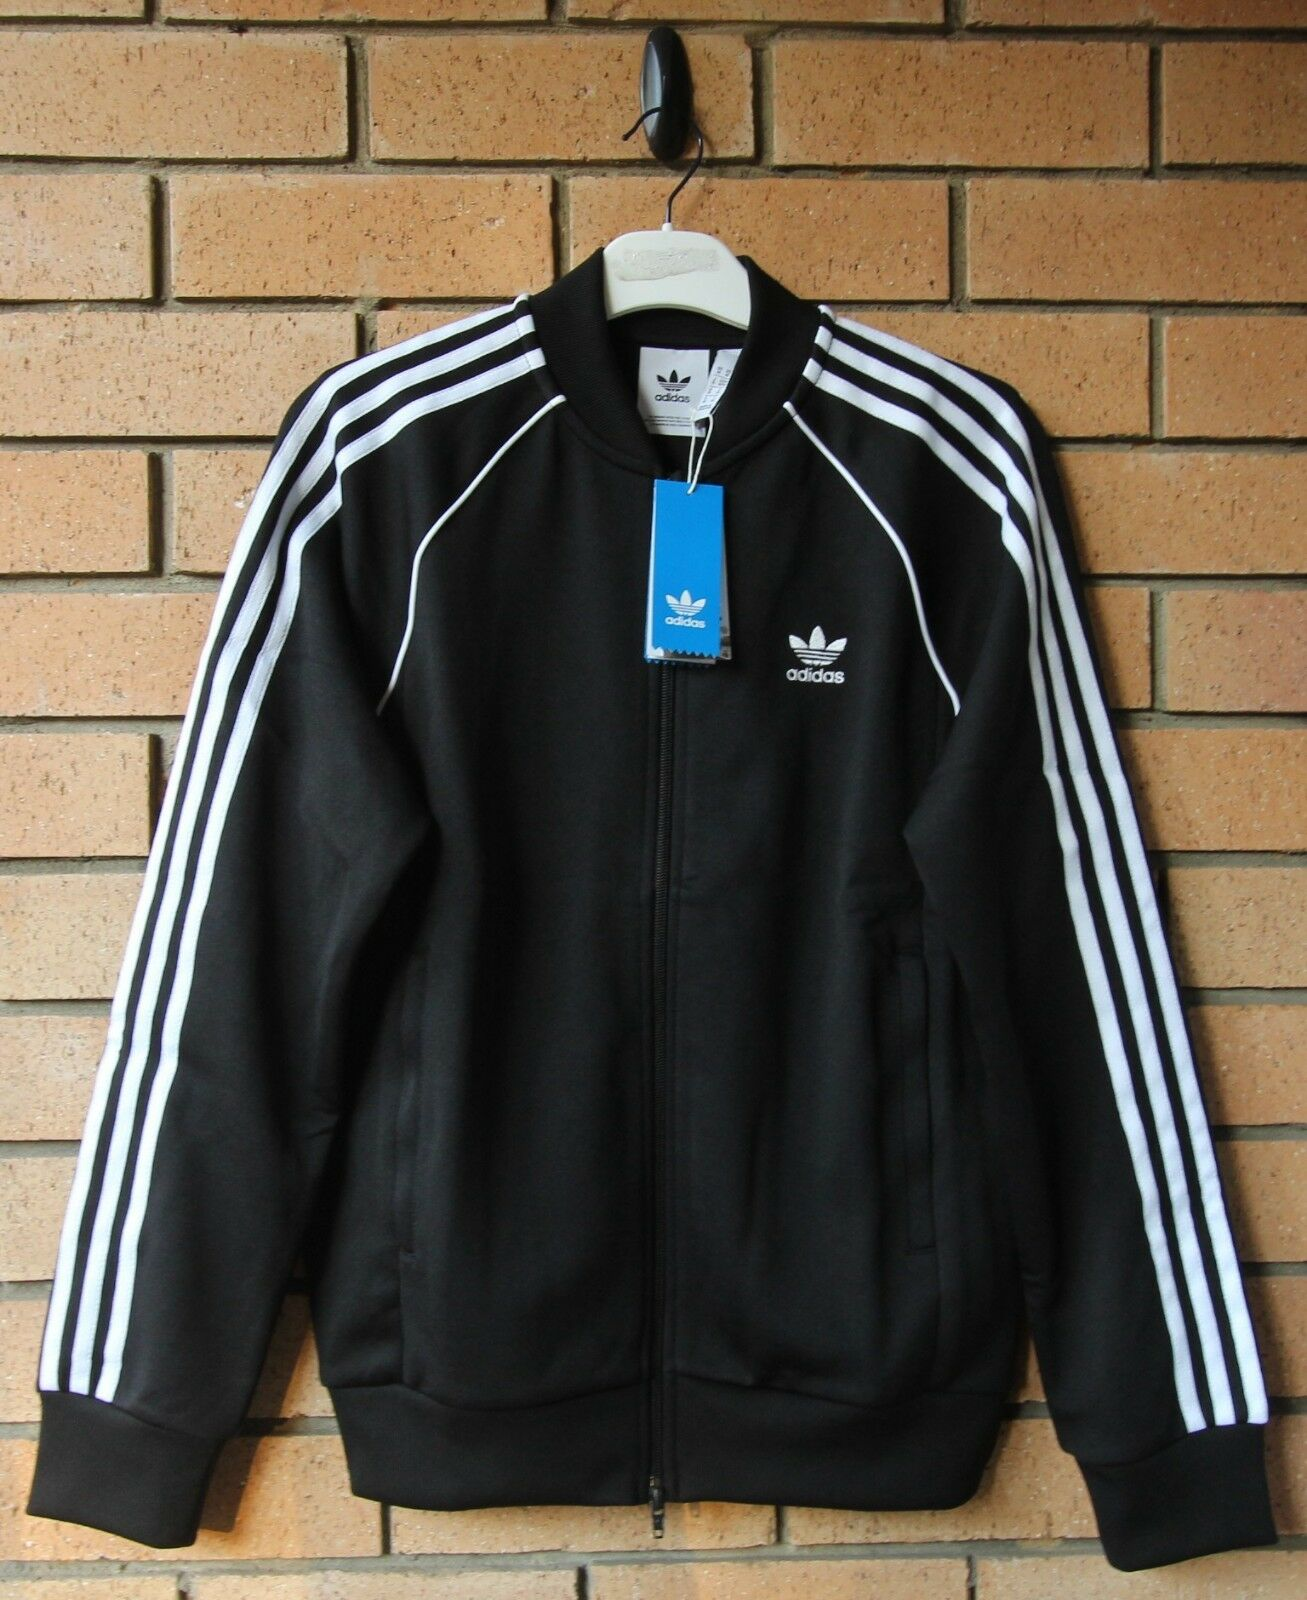 Details about Adidas Originals BR8 Track Jacket Men's ( Size S XL ) Black White CZ6109